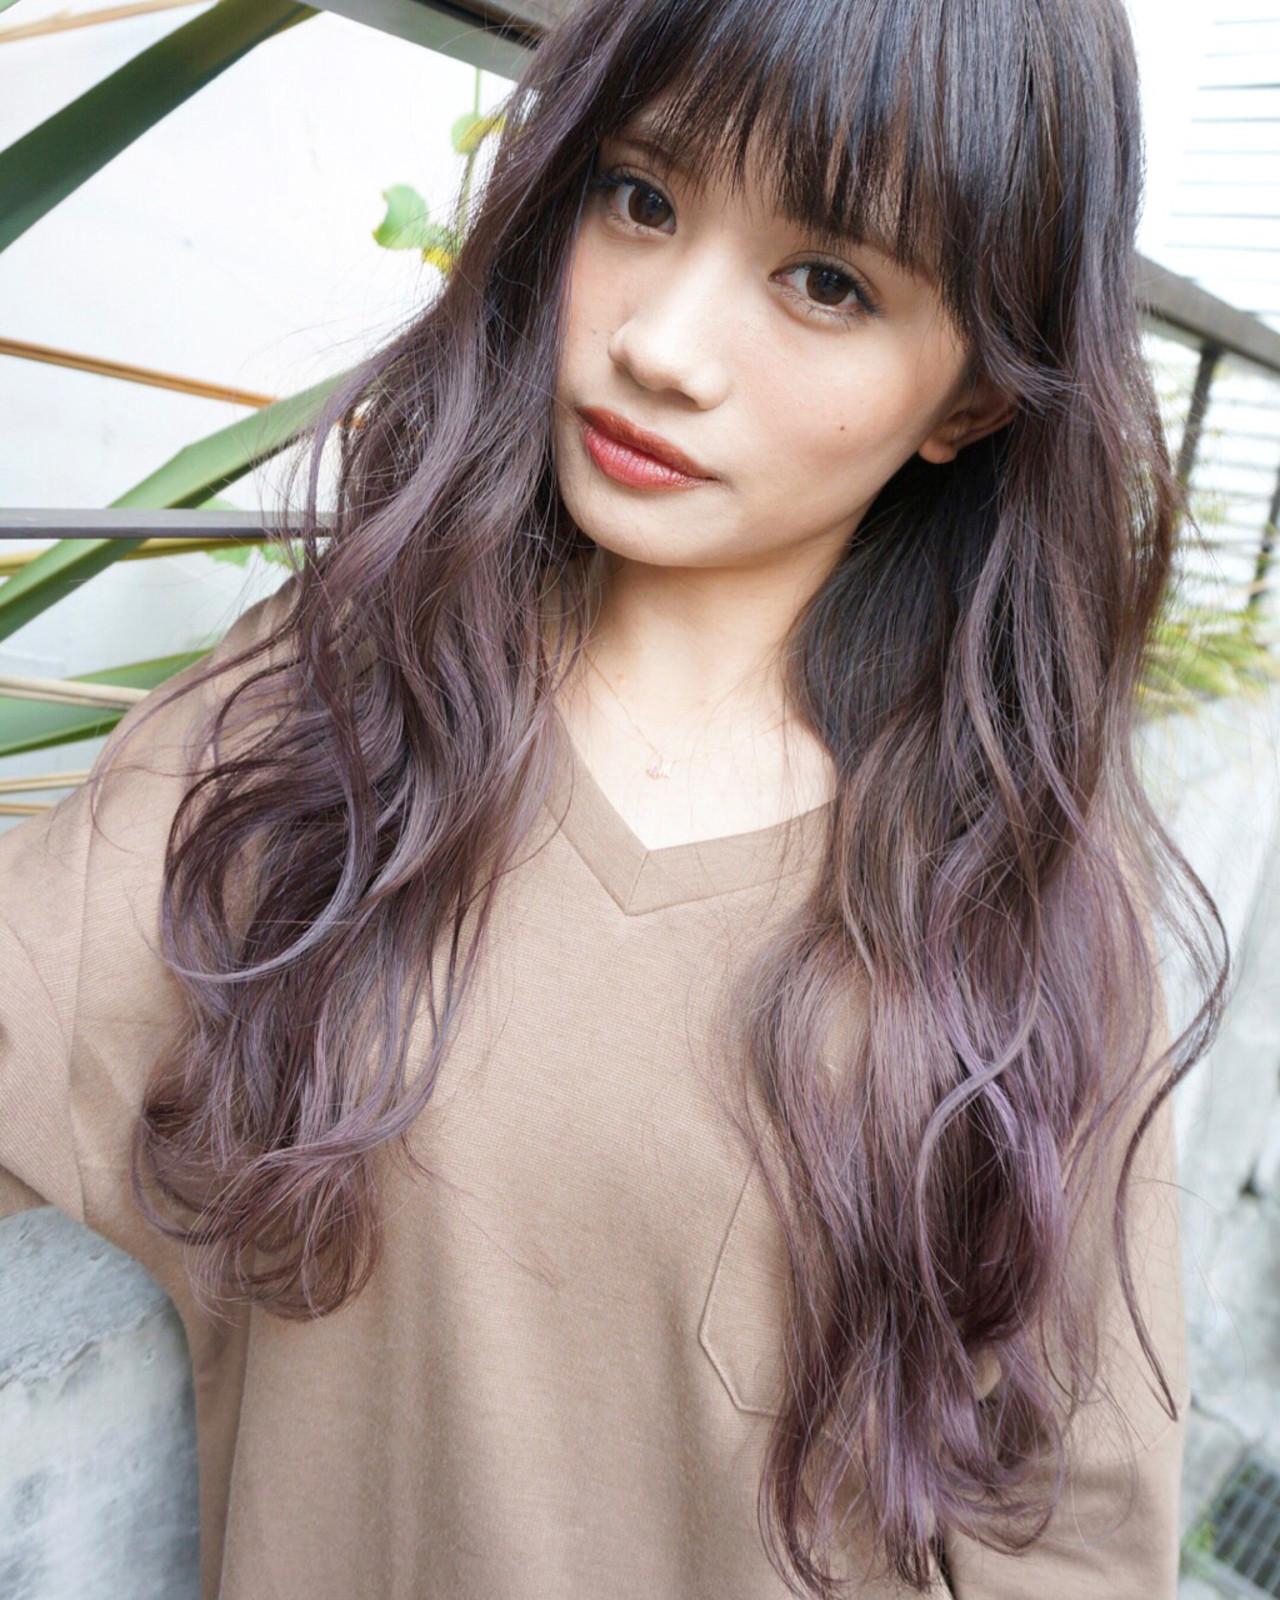 面長ロングさん向けヘアスタイル10選!自分に似合う髪形を知ろう。 miya/@1031miya